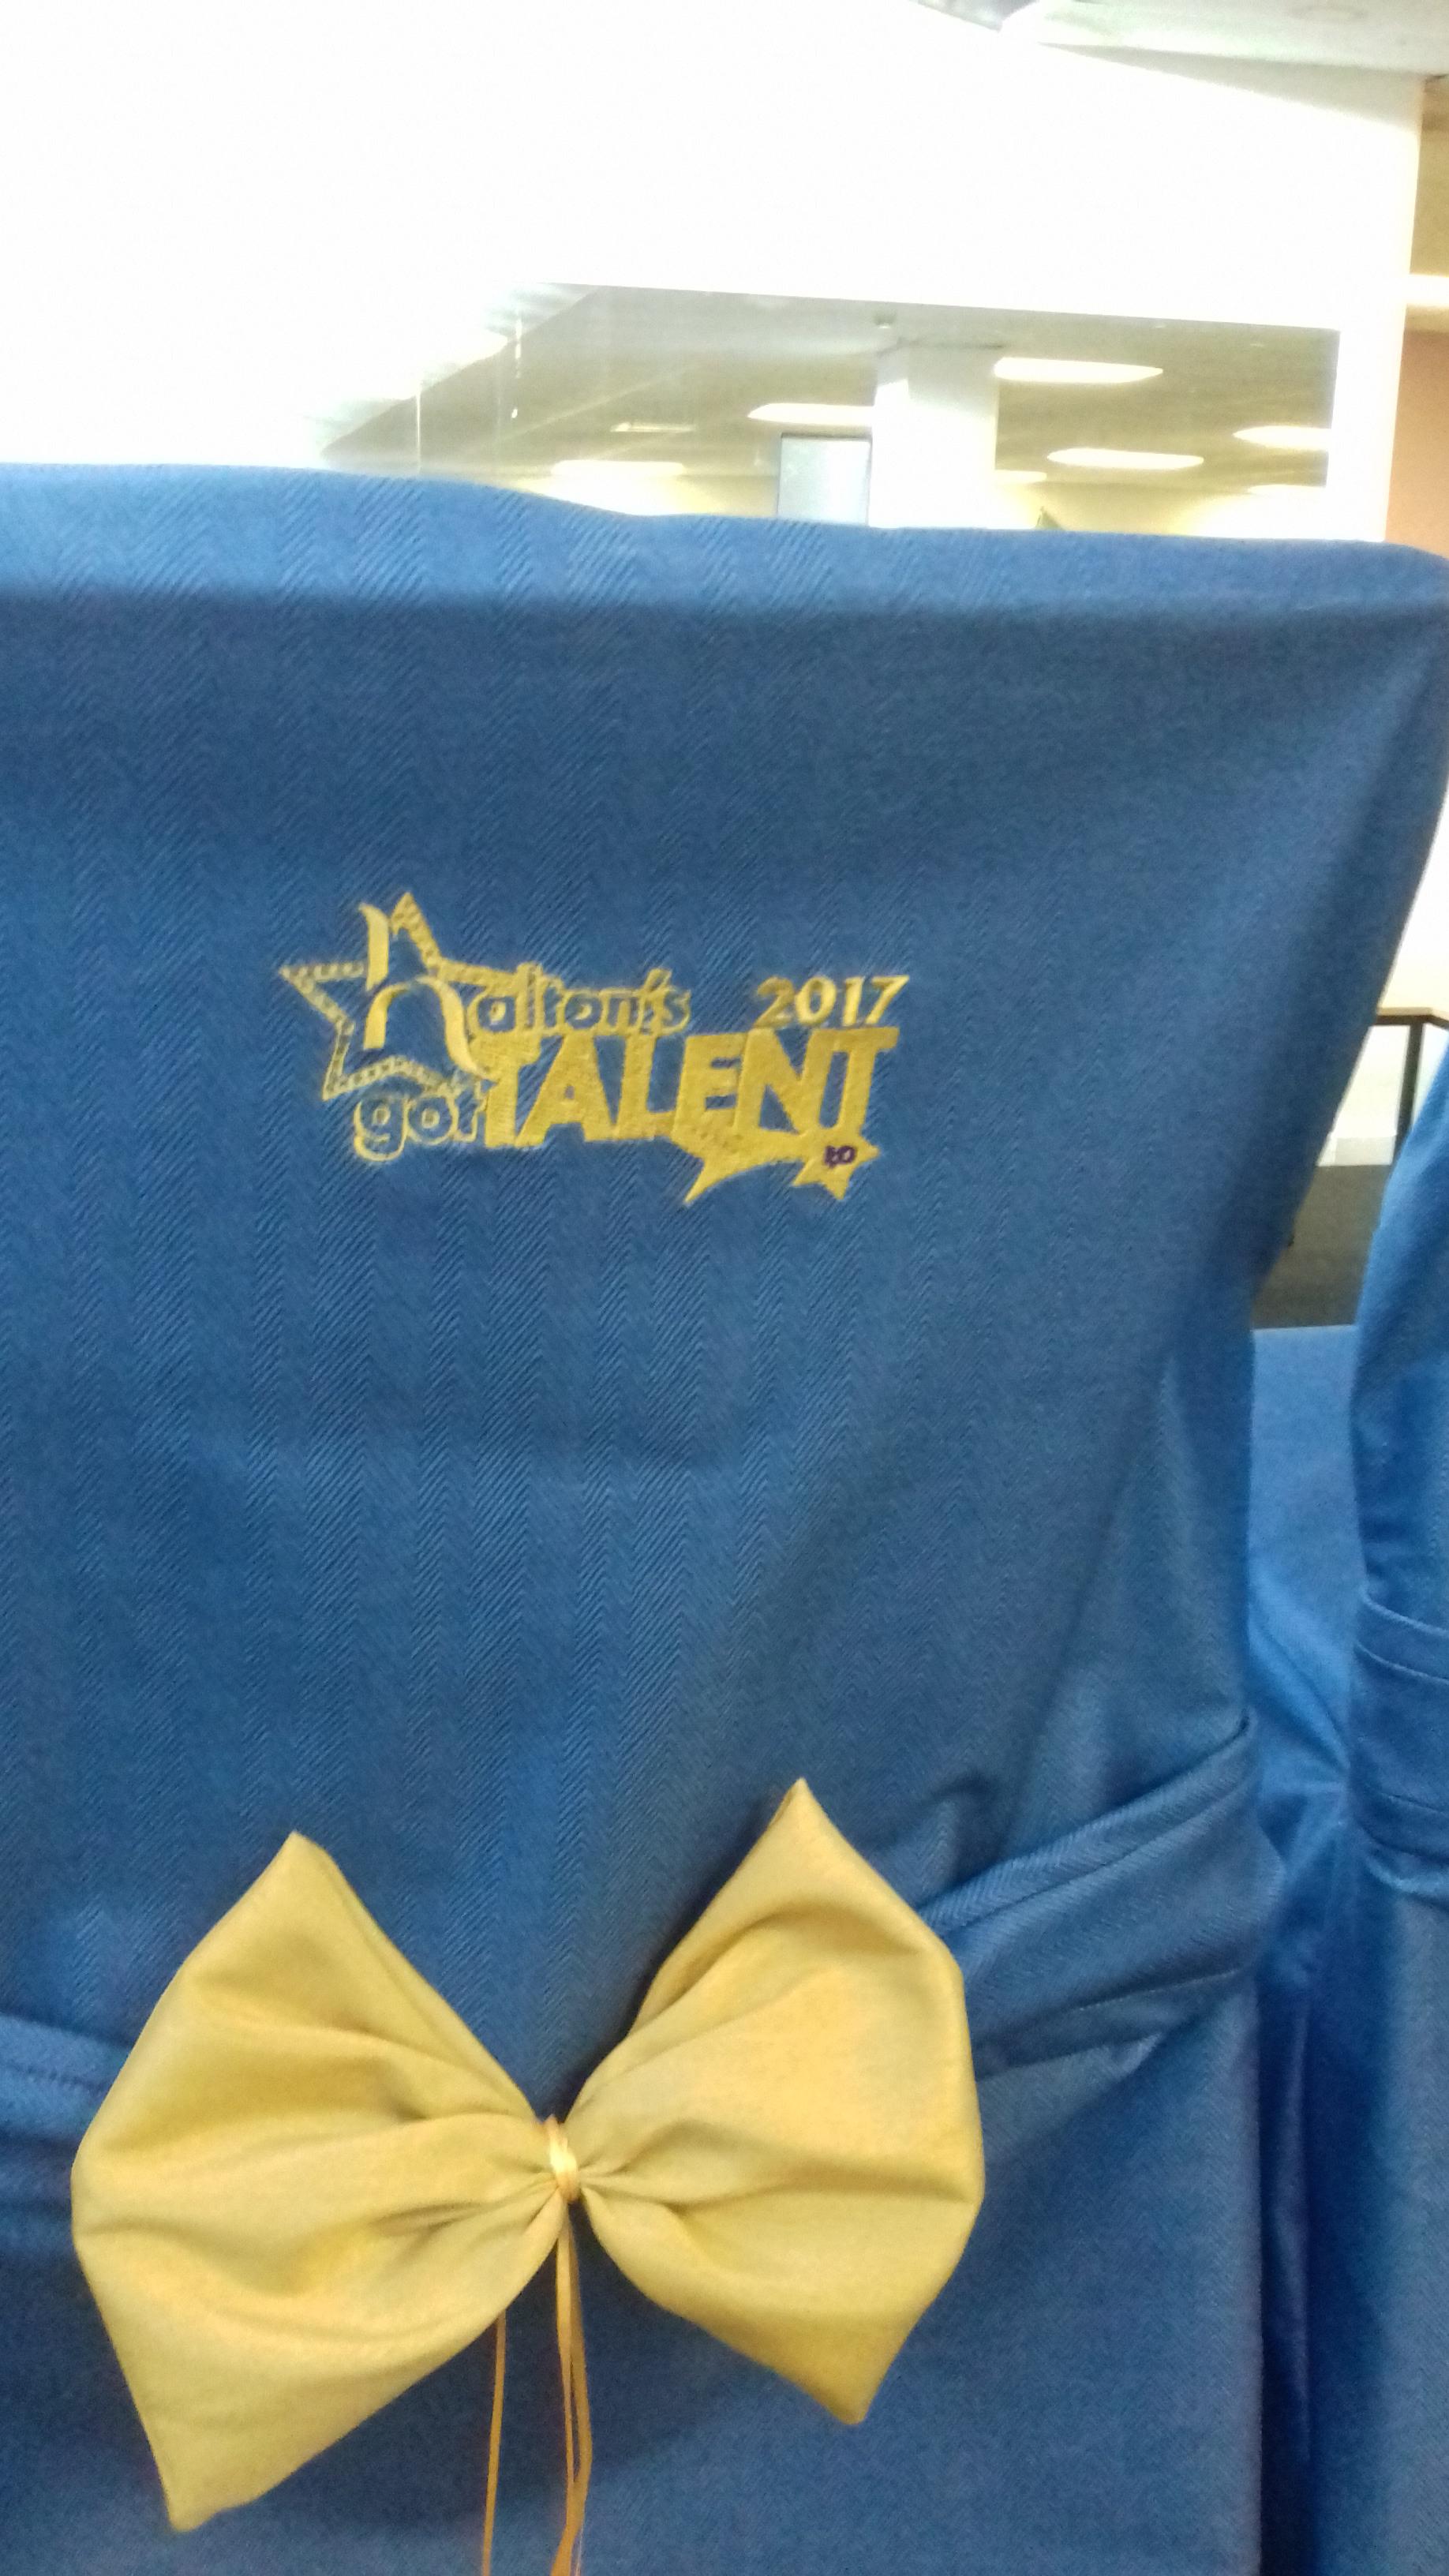 Halton's Got Talent judge's chairs